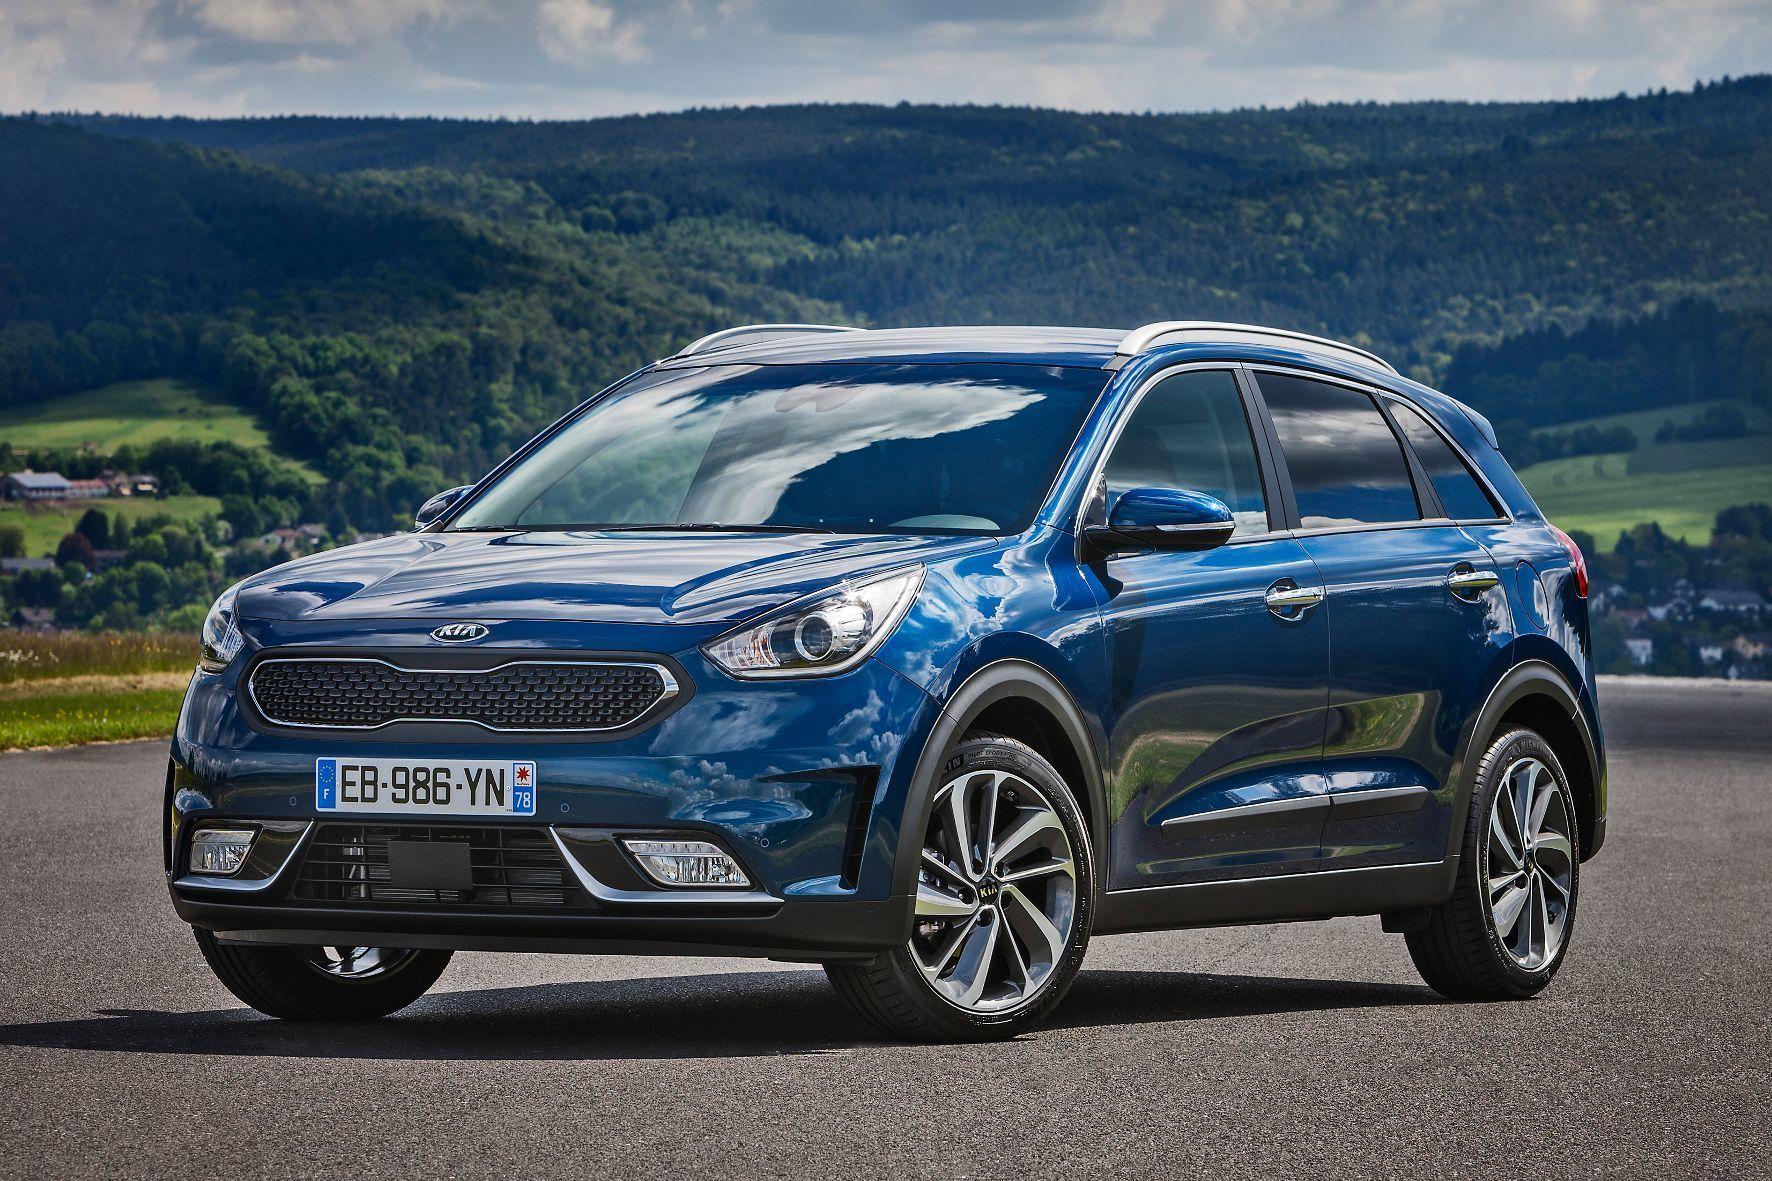 mid Groß-Gerau - Schicker SUV mit Hybridantrieb und guter Ausstattung: der Kia Niro ab 24.900 Euro.